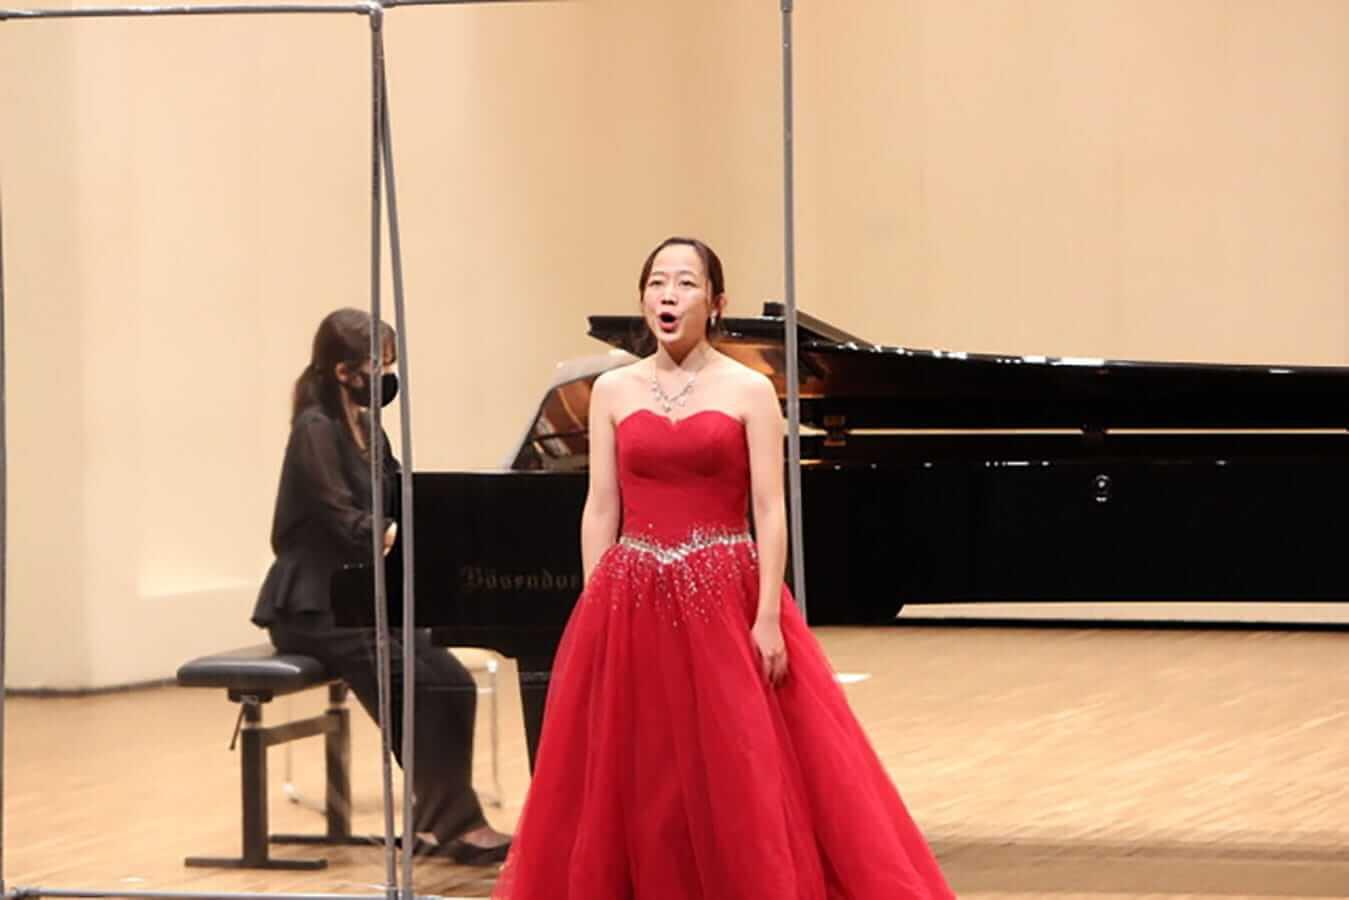 [写真]学内演奏会 ―声楽コース 1・2年次 独唱 3年次 日本歌曲―演奏風景9